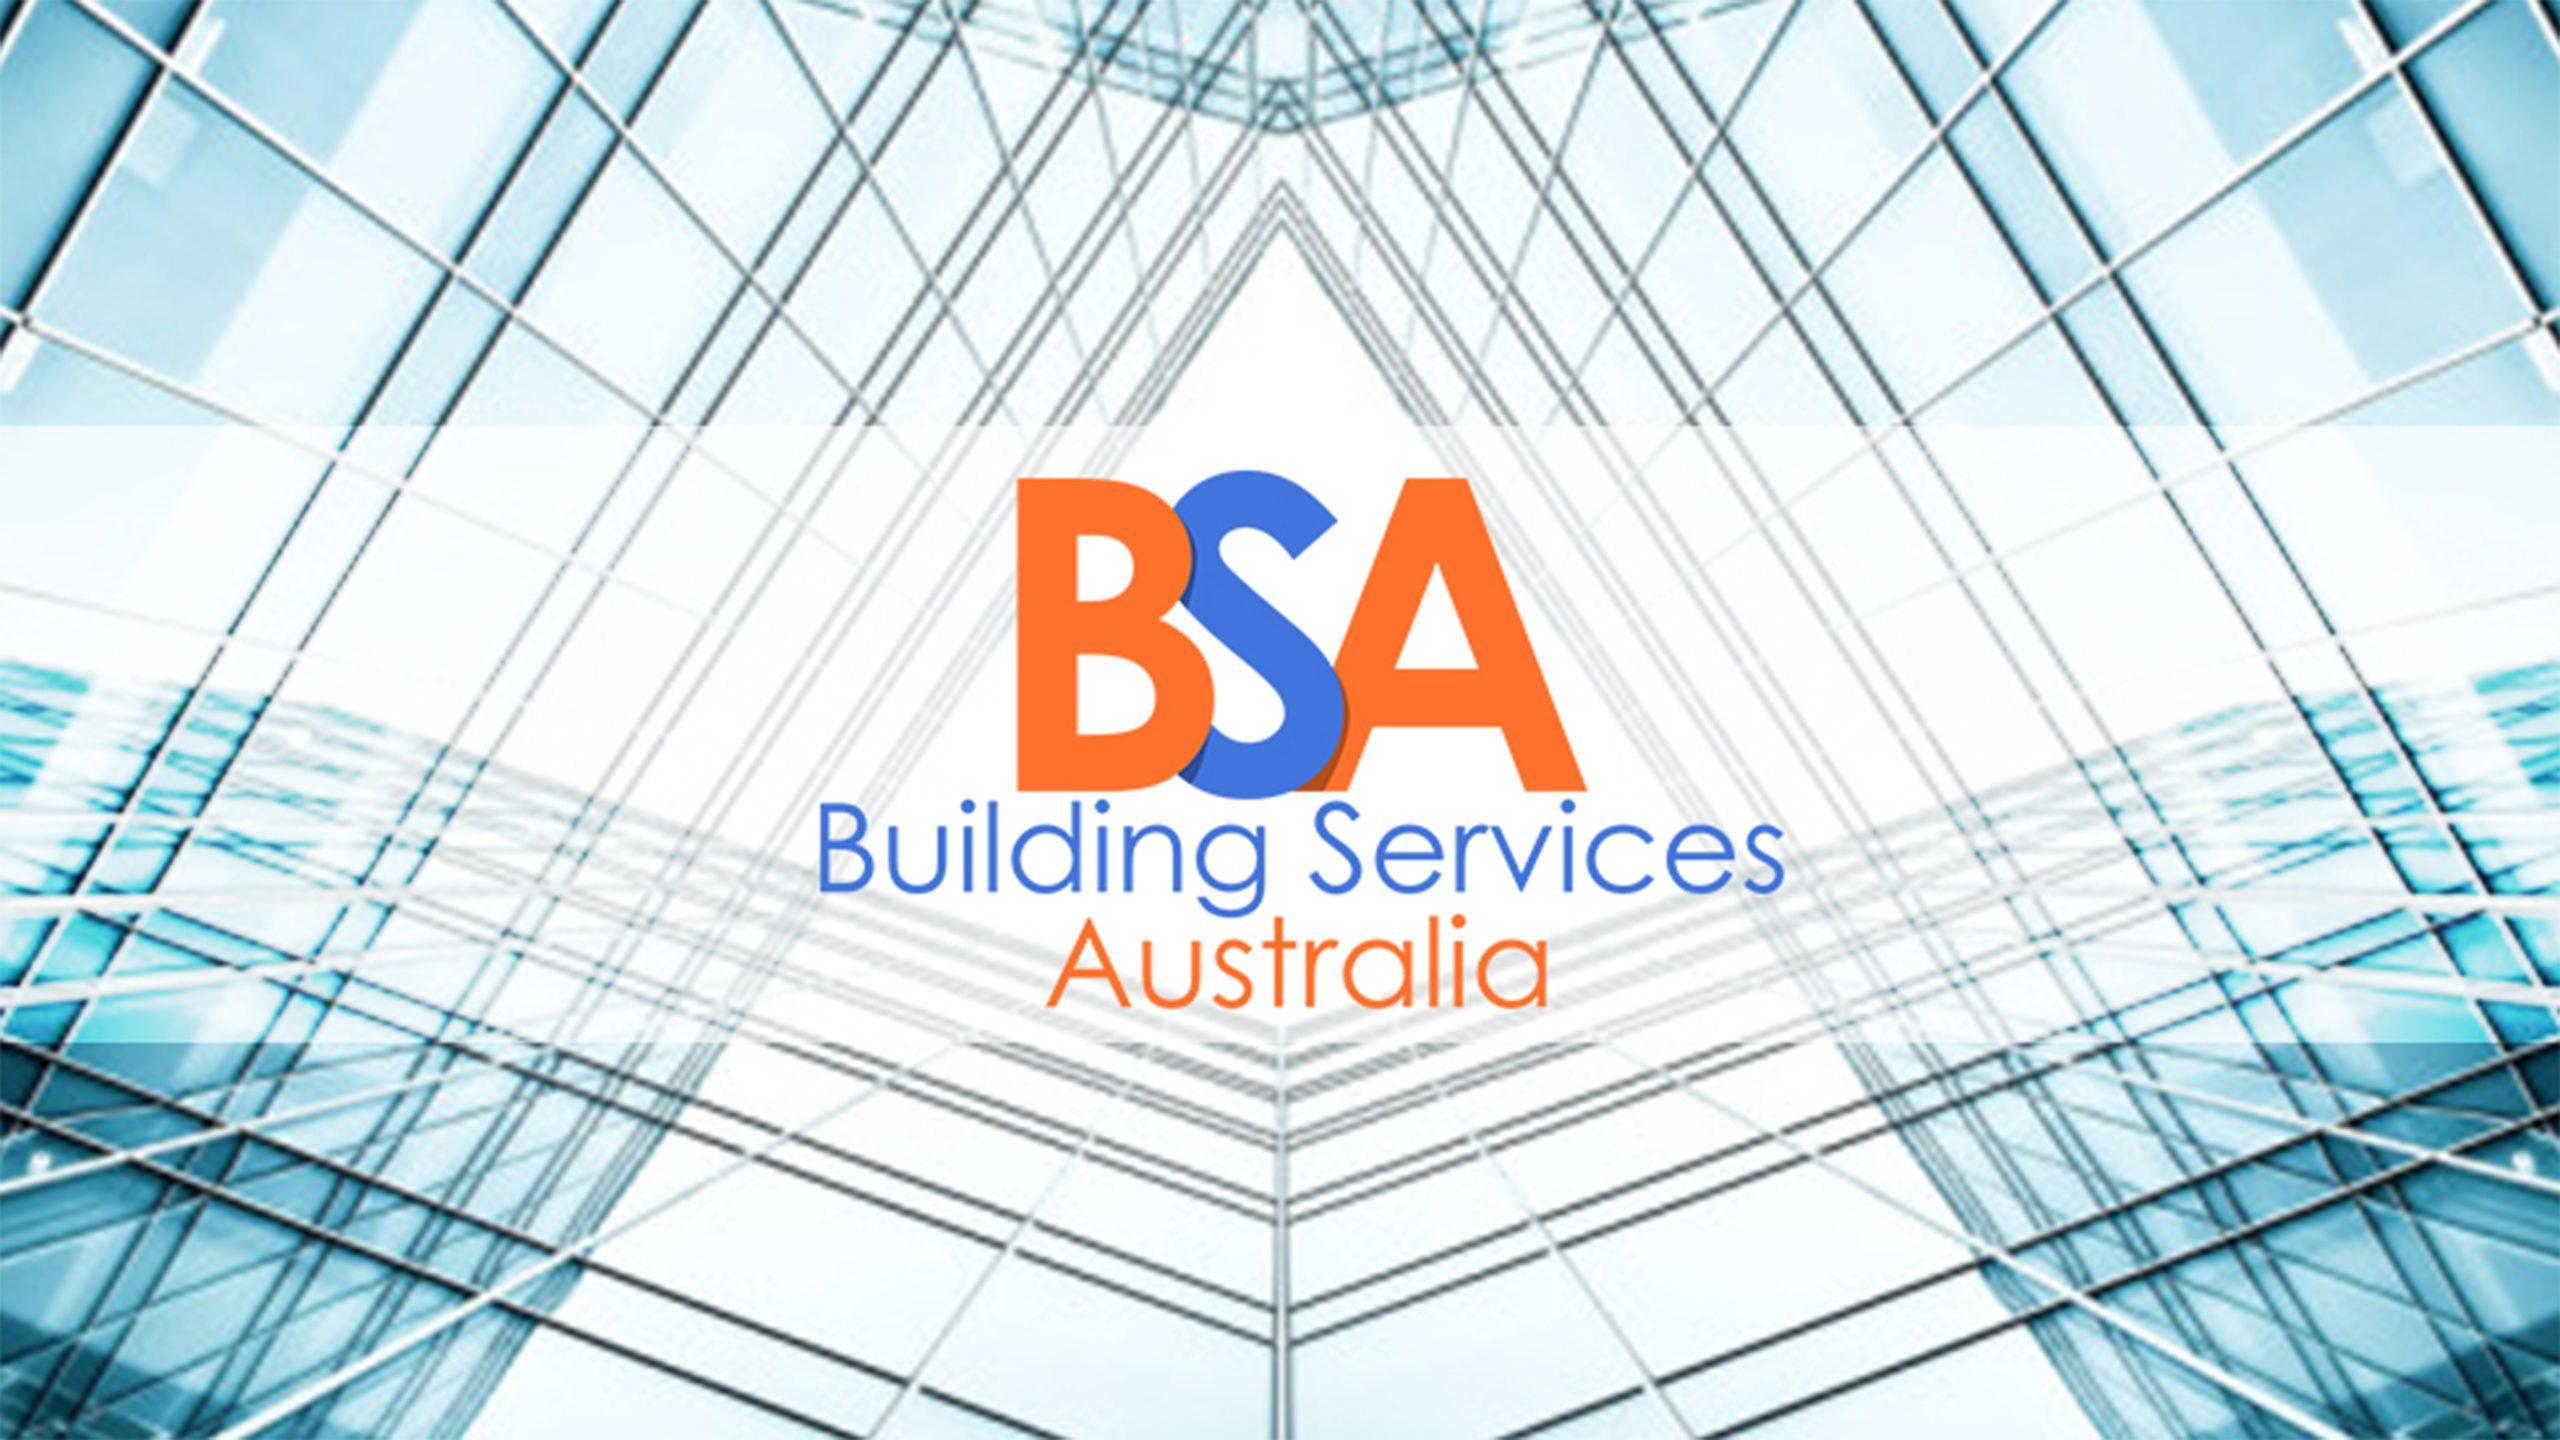 Building Services Australia